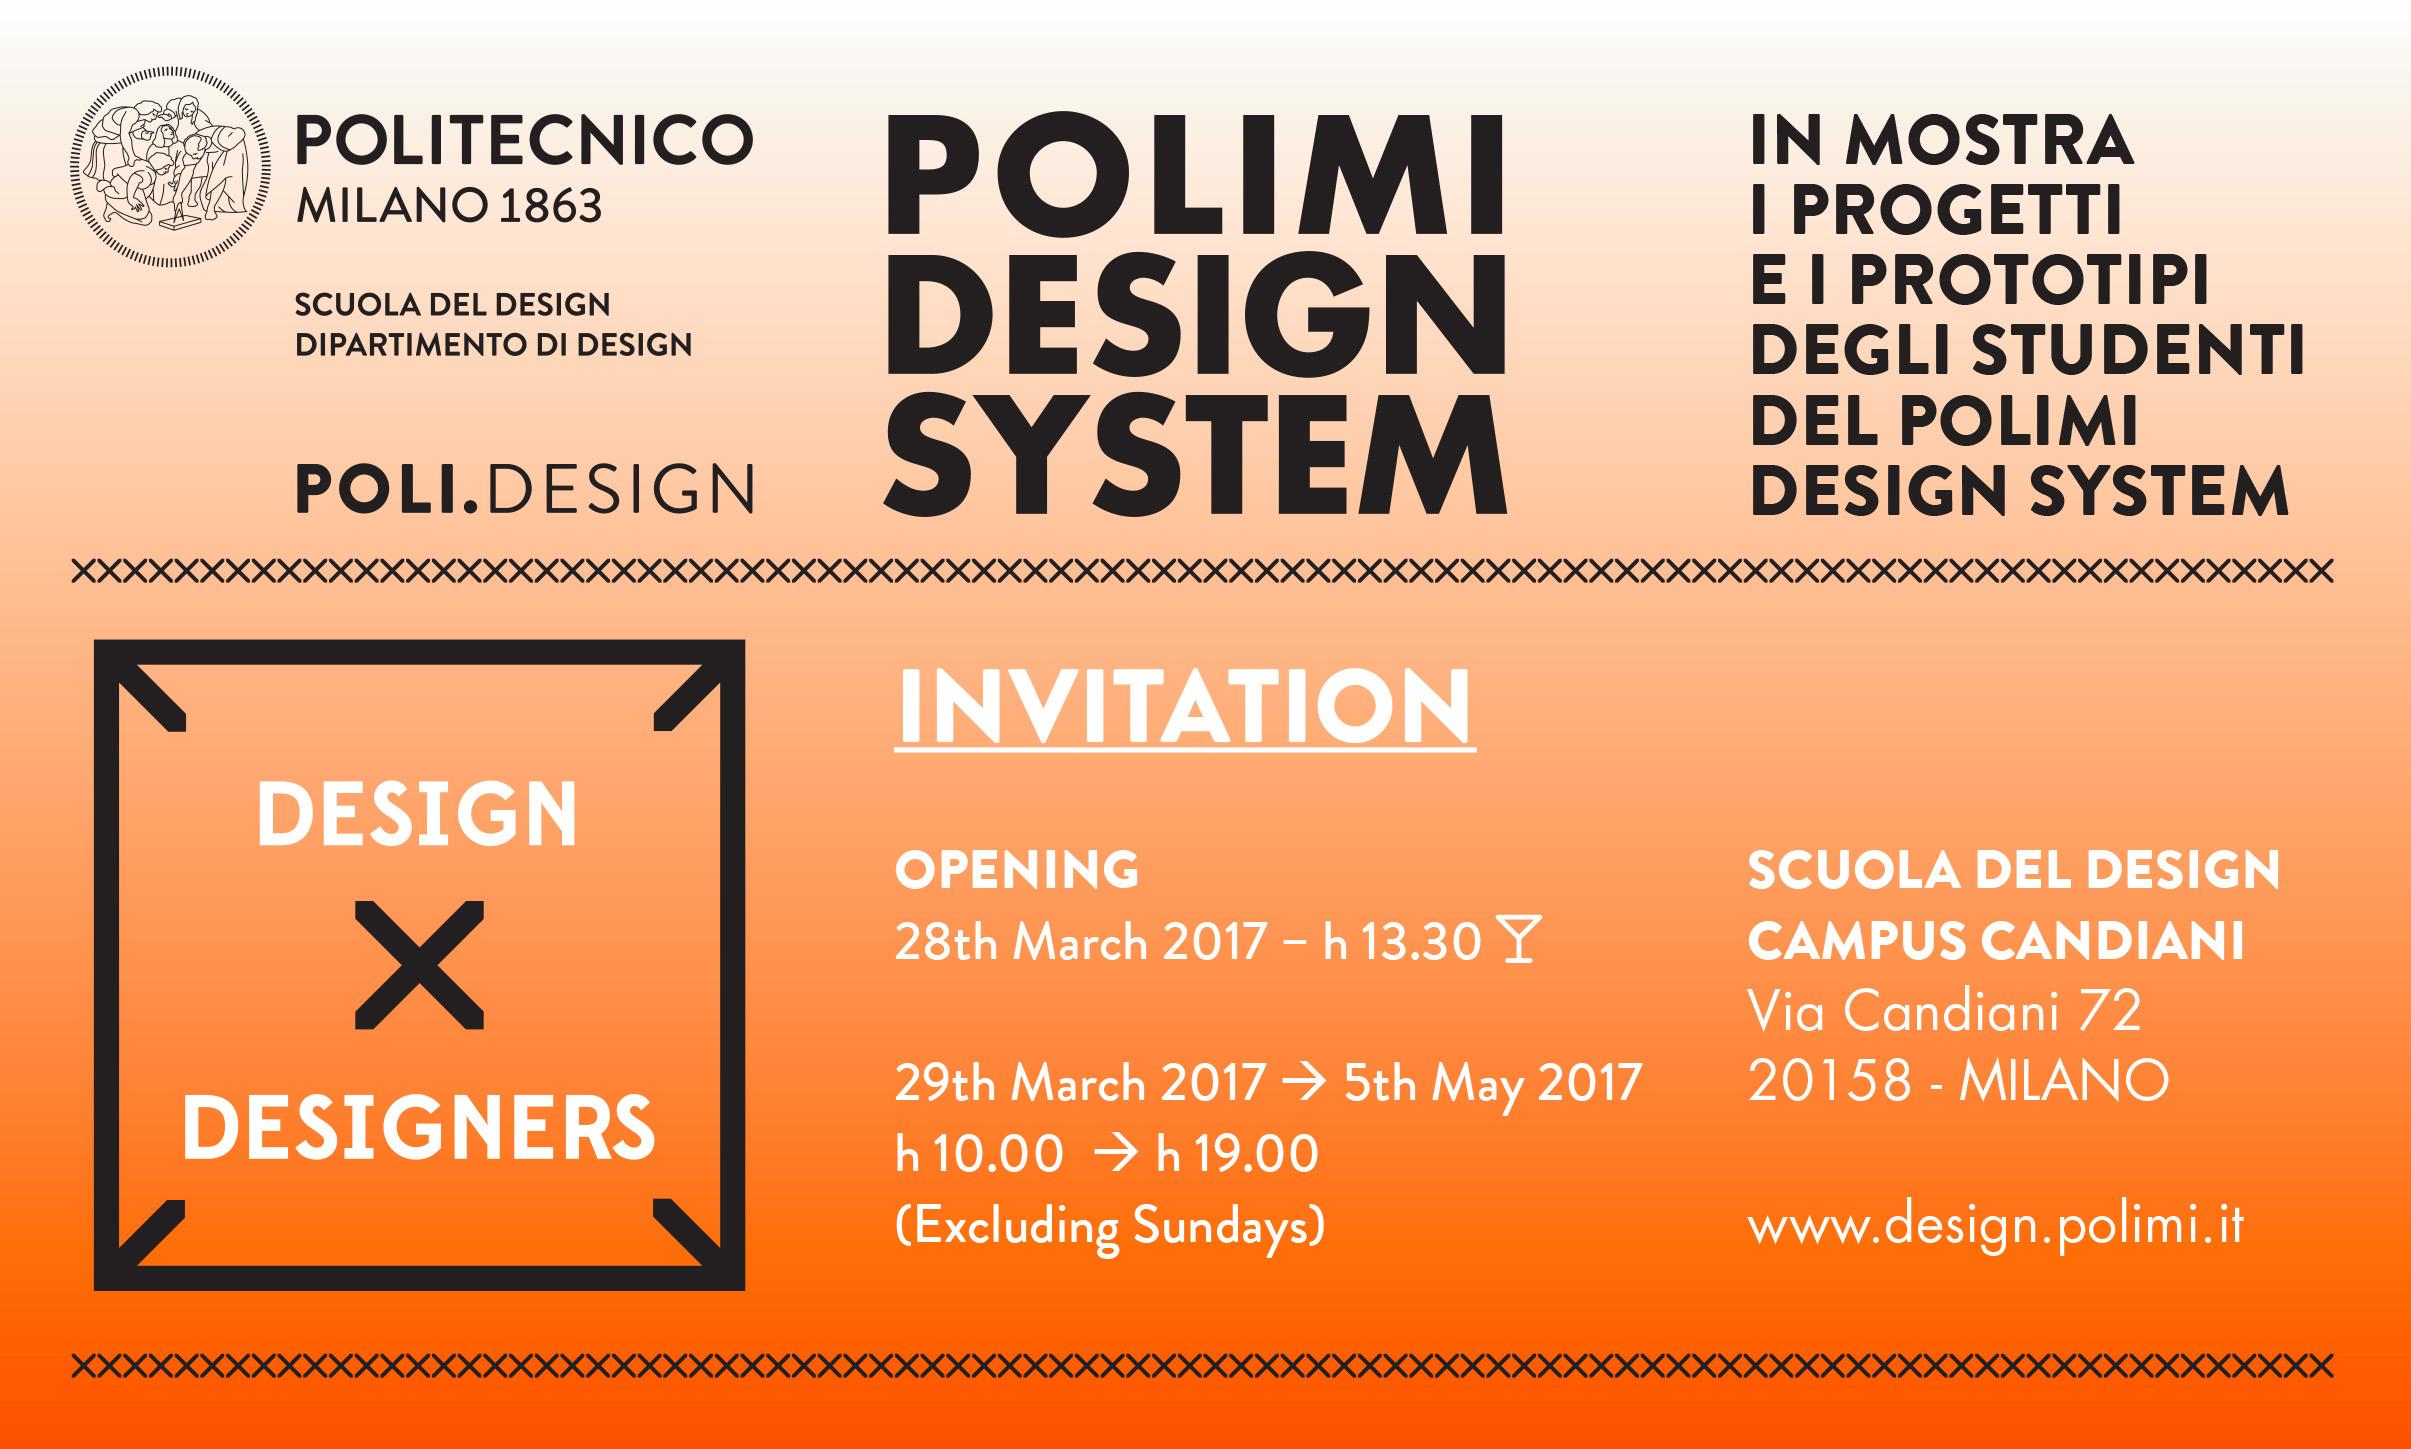 Design x designers eventi del politecnico di milano for Scuola del design polimi